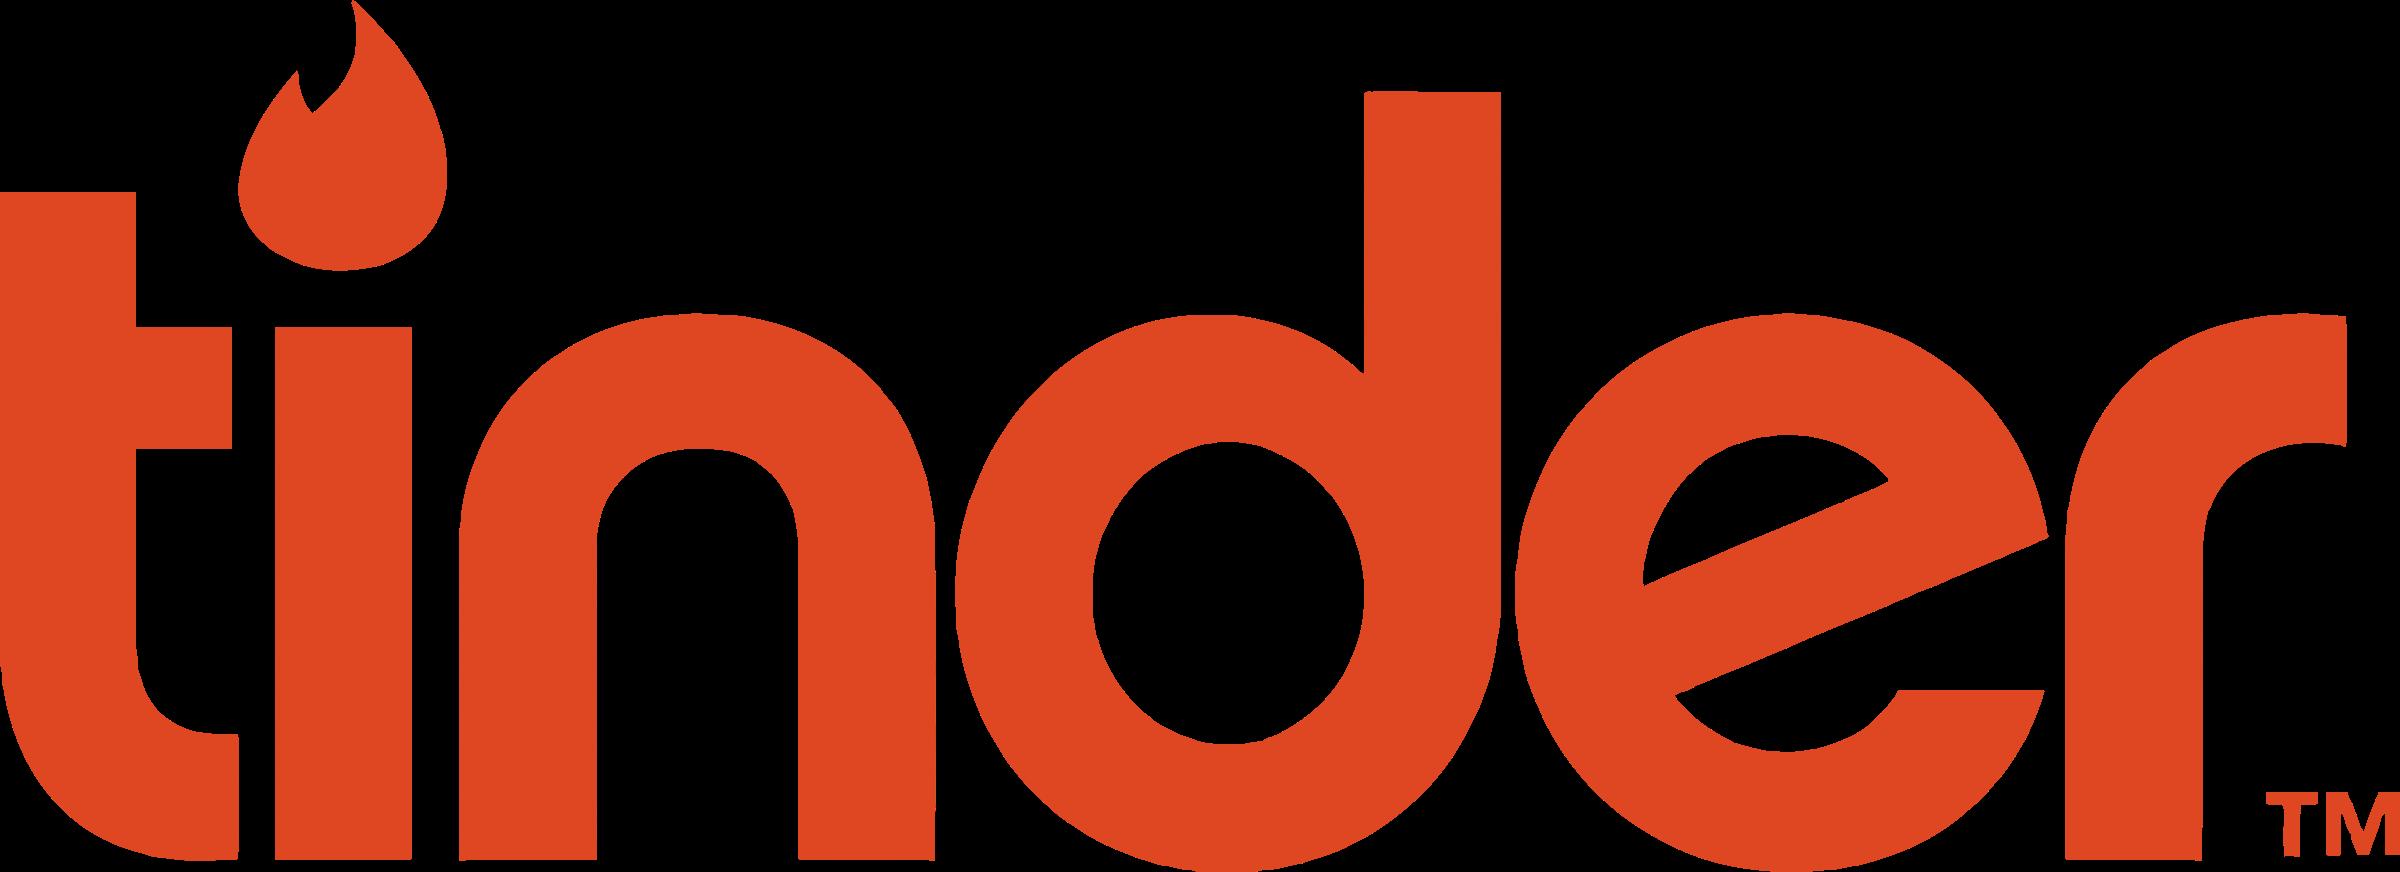 Tinder Logo PNG Transparent & SVG Vector - Freebie Supply